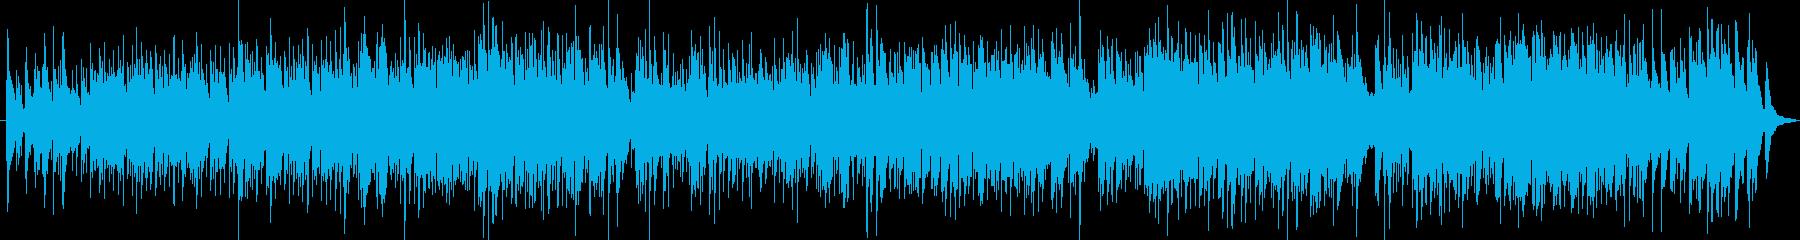 エレピとギターのゆったりとしたバラードの再生済みの波形